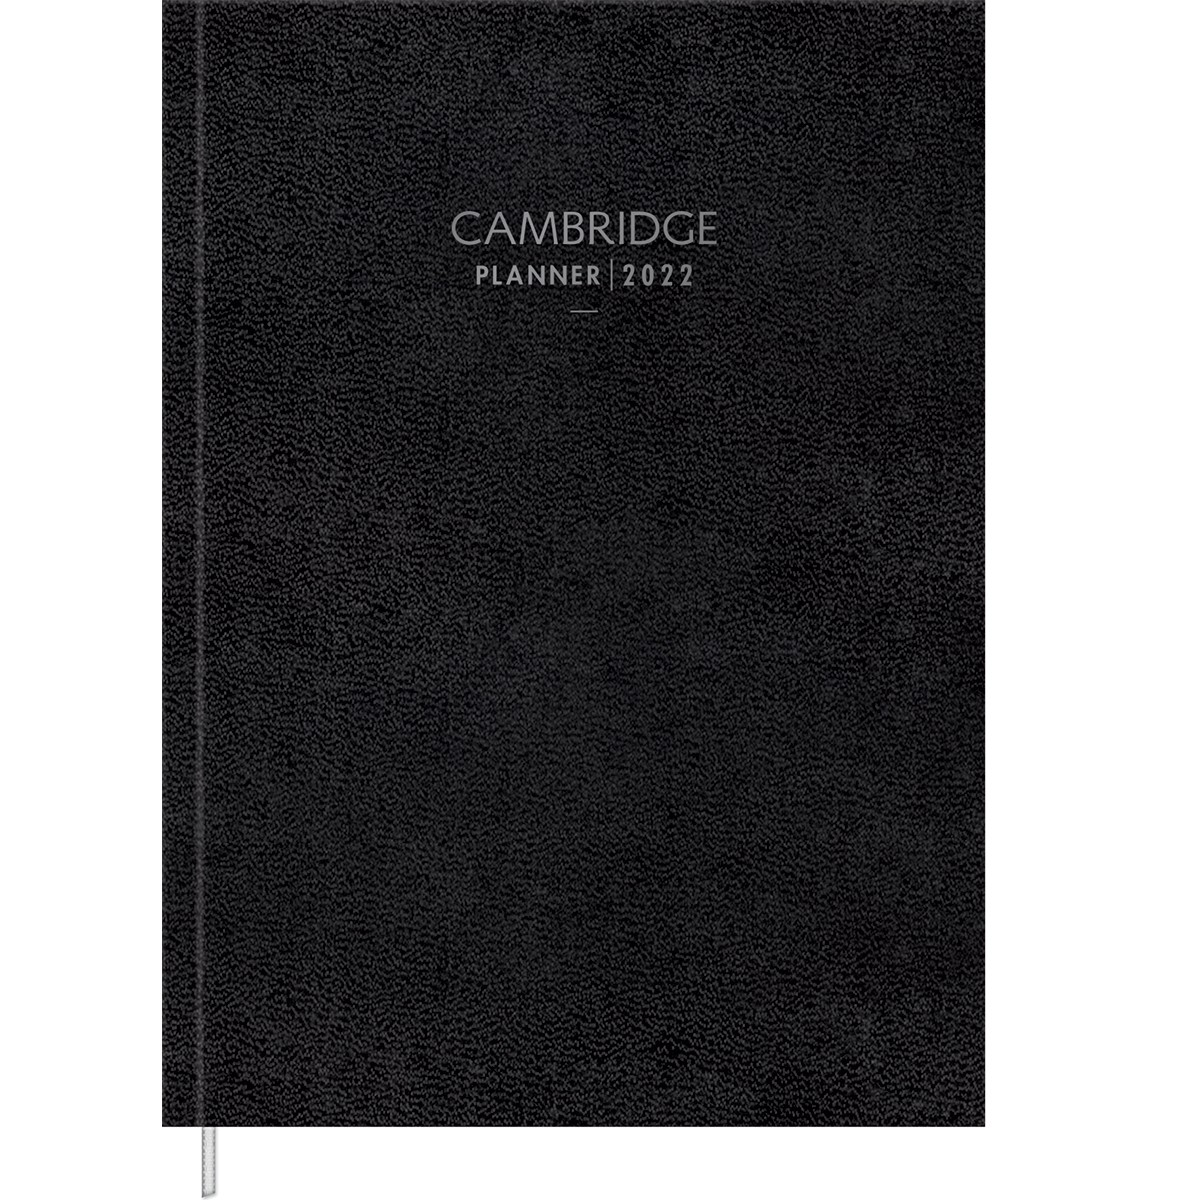 Planner Cambridge 2022 Costurada - Tilibra